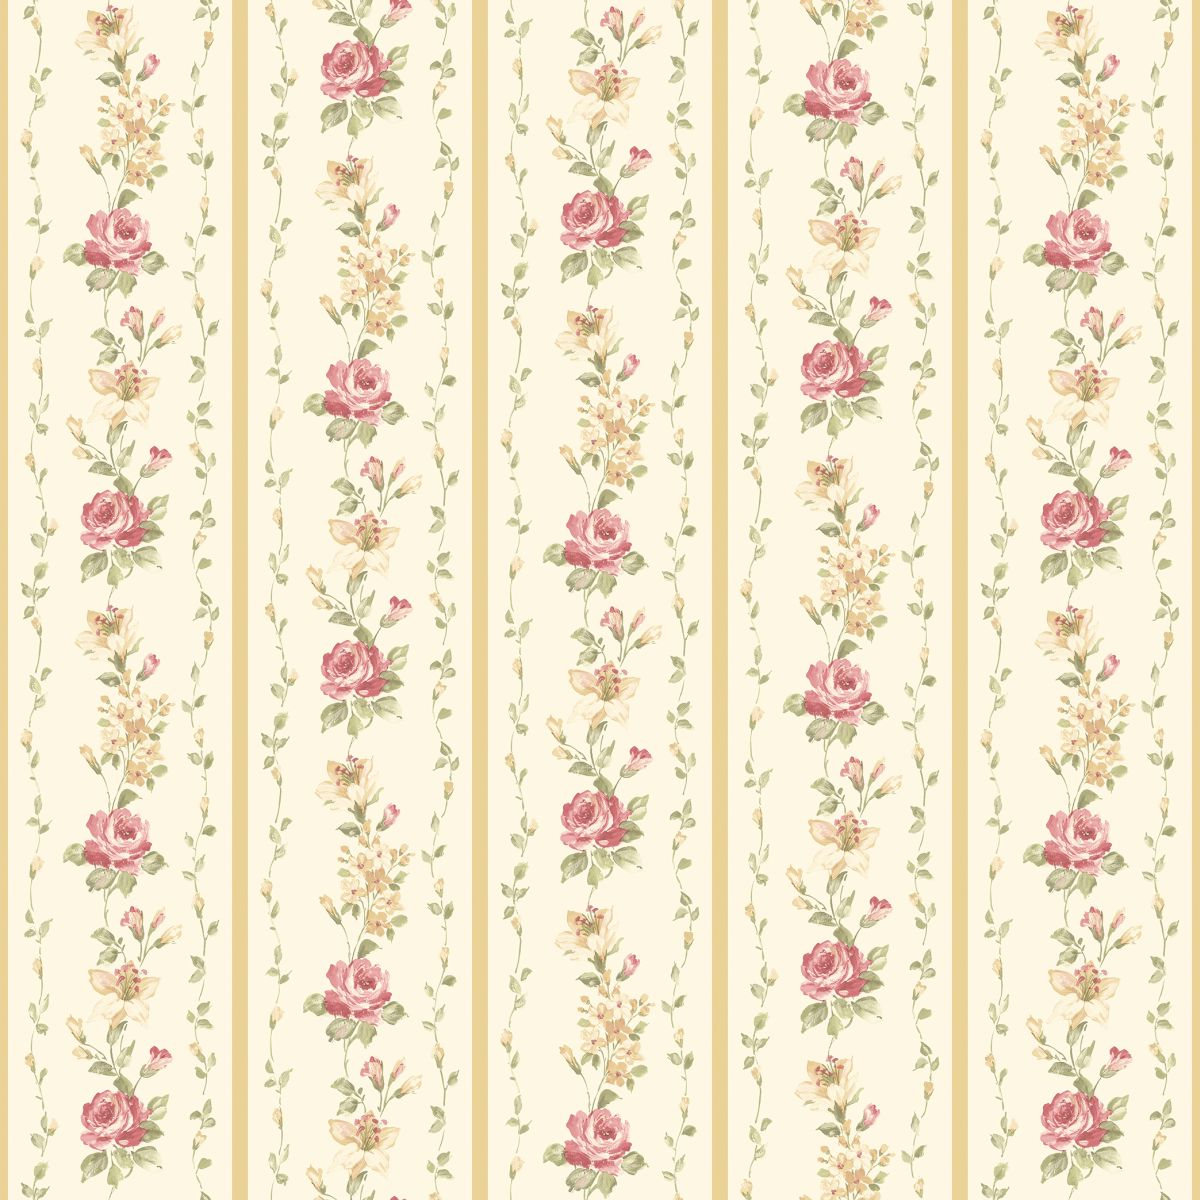 Hochwertige Tapeten Und Stoffe Papier Vinyl Tapete Mit Blumen Und